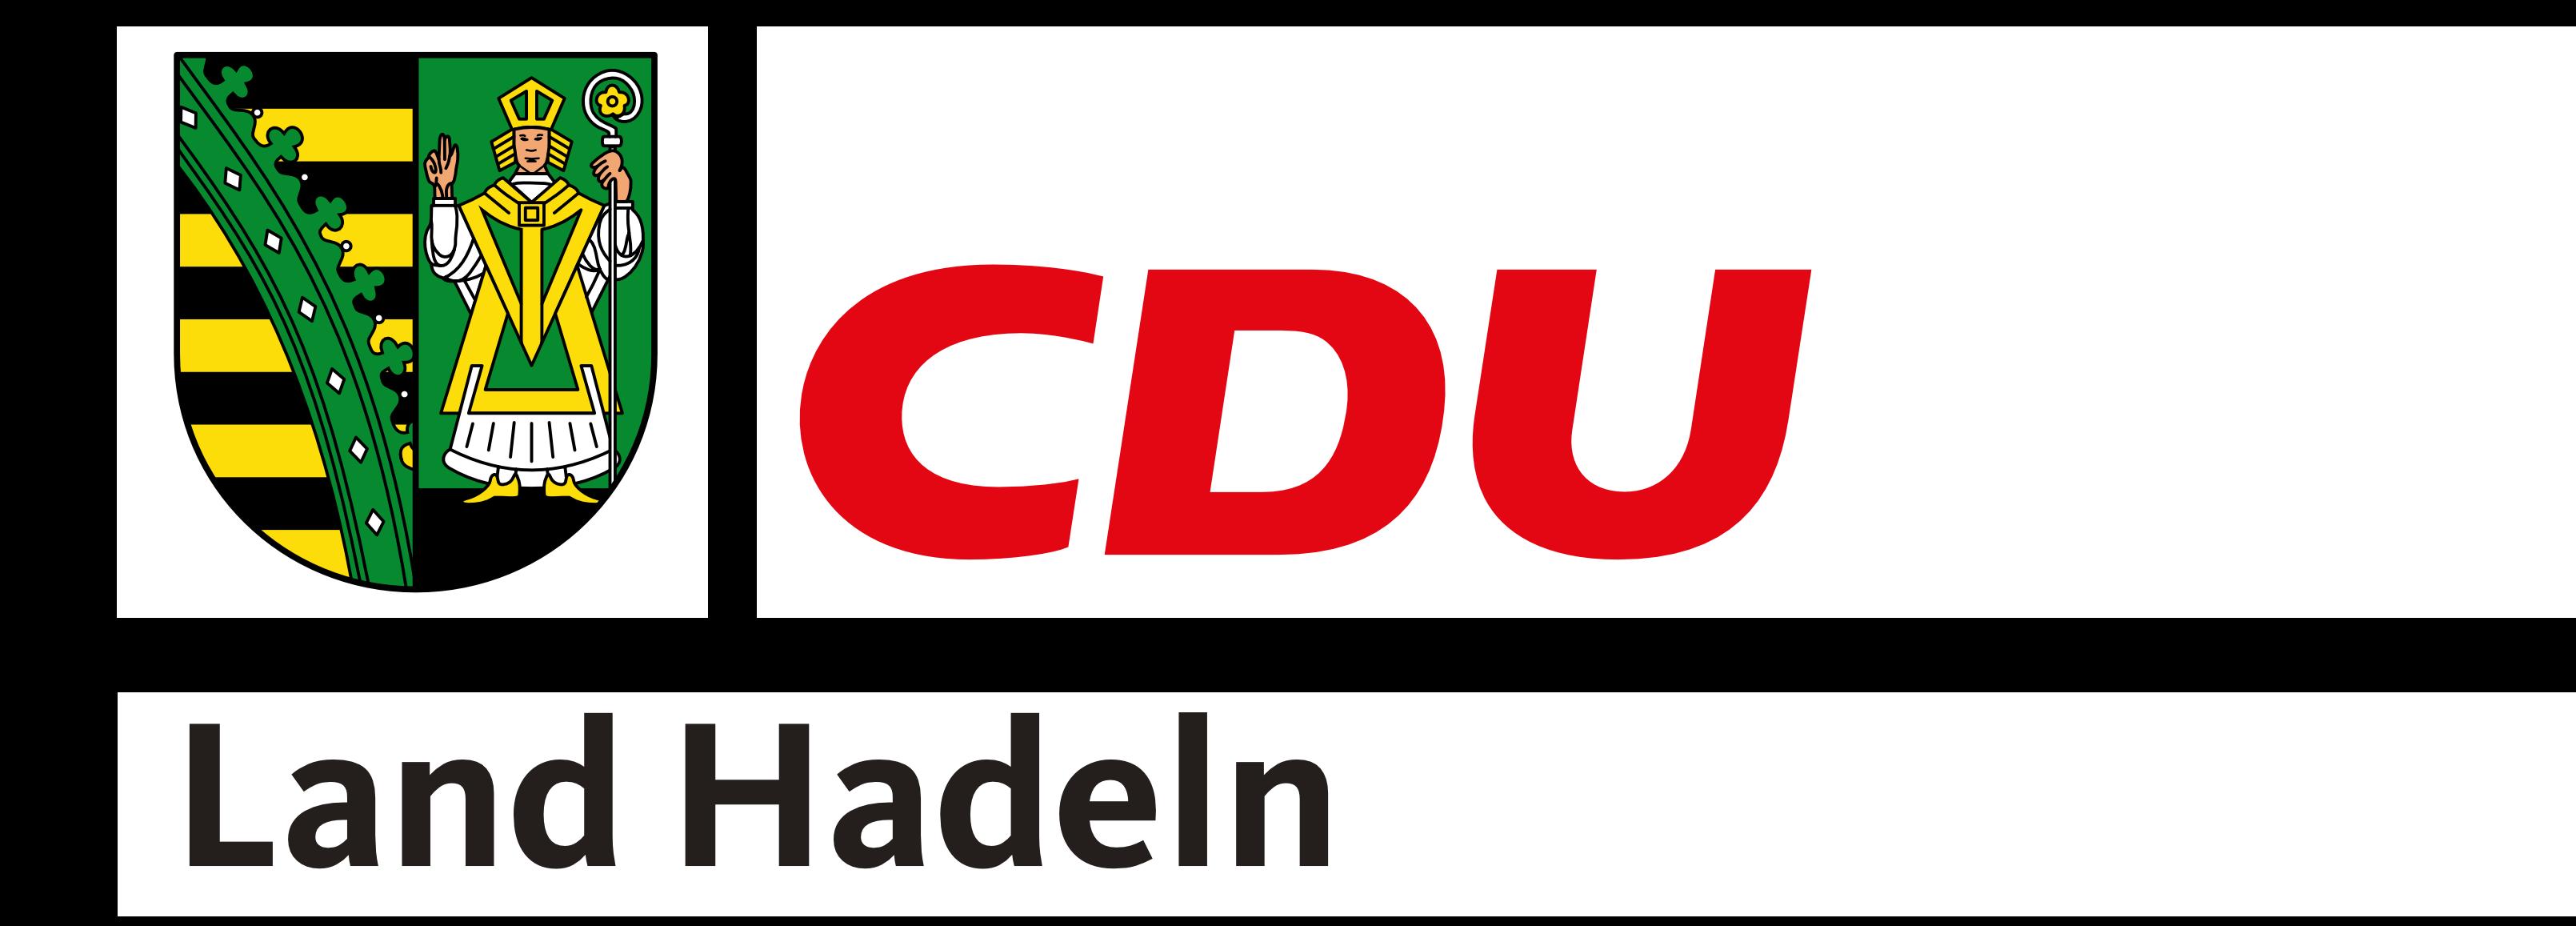 CDU Samtgemeindeverband Land Hadeln